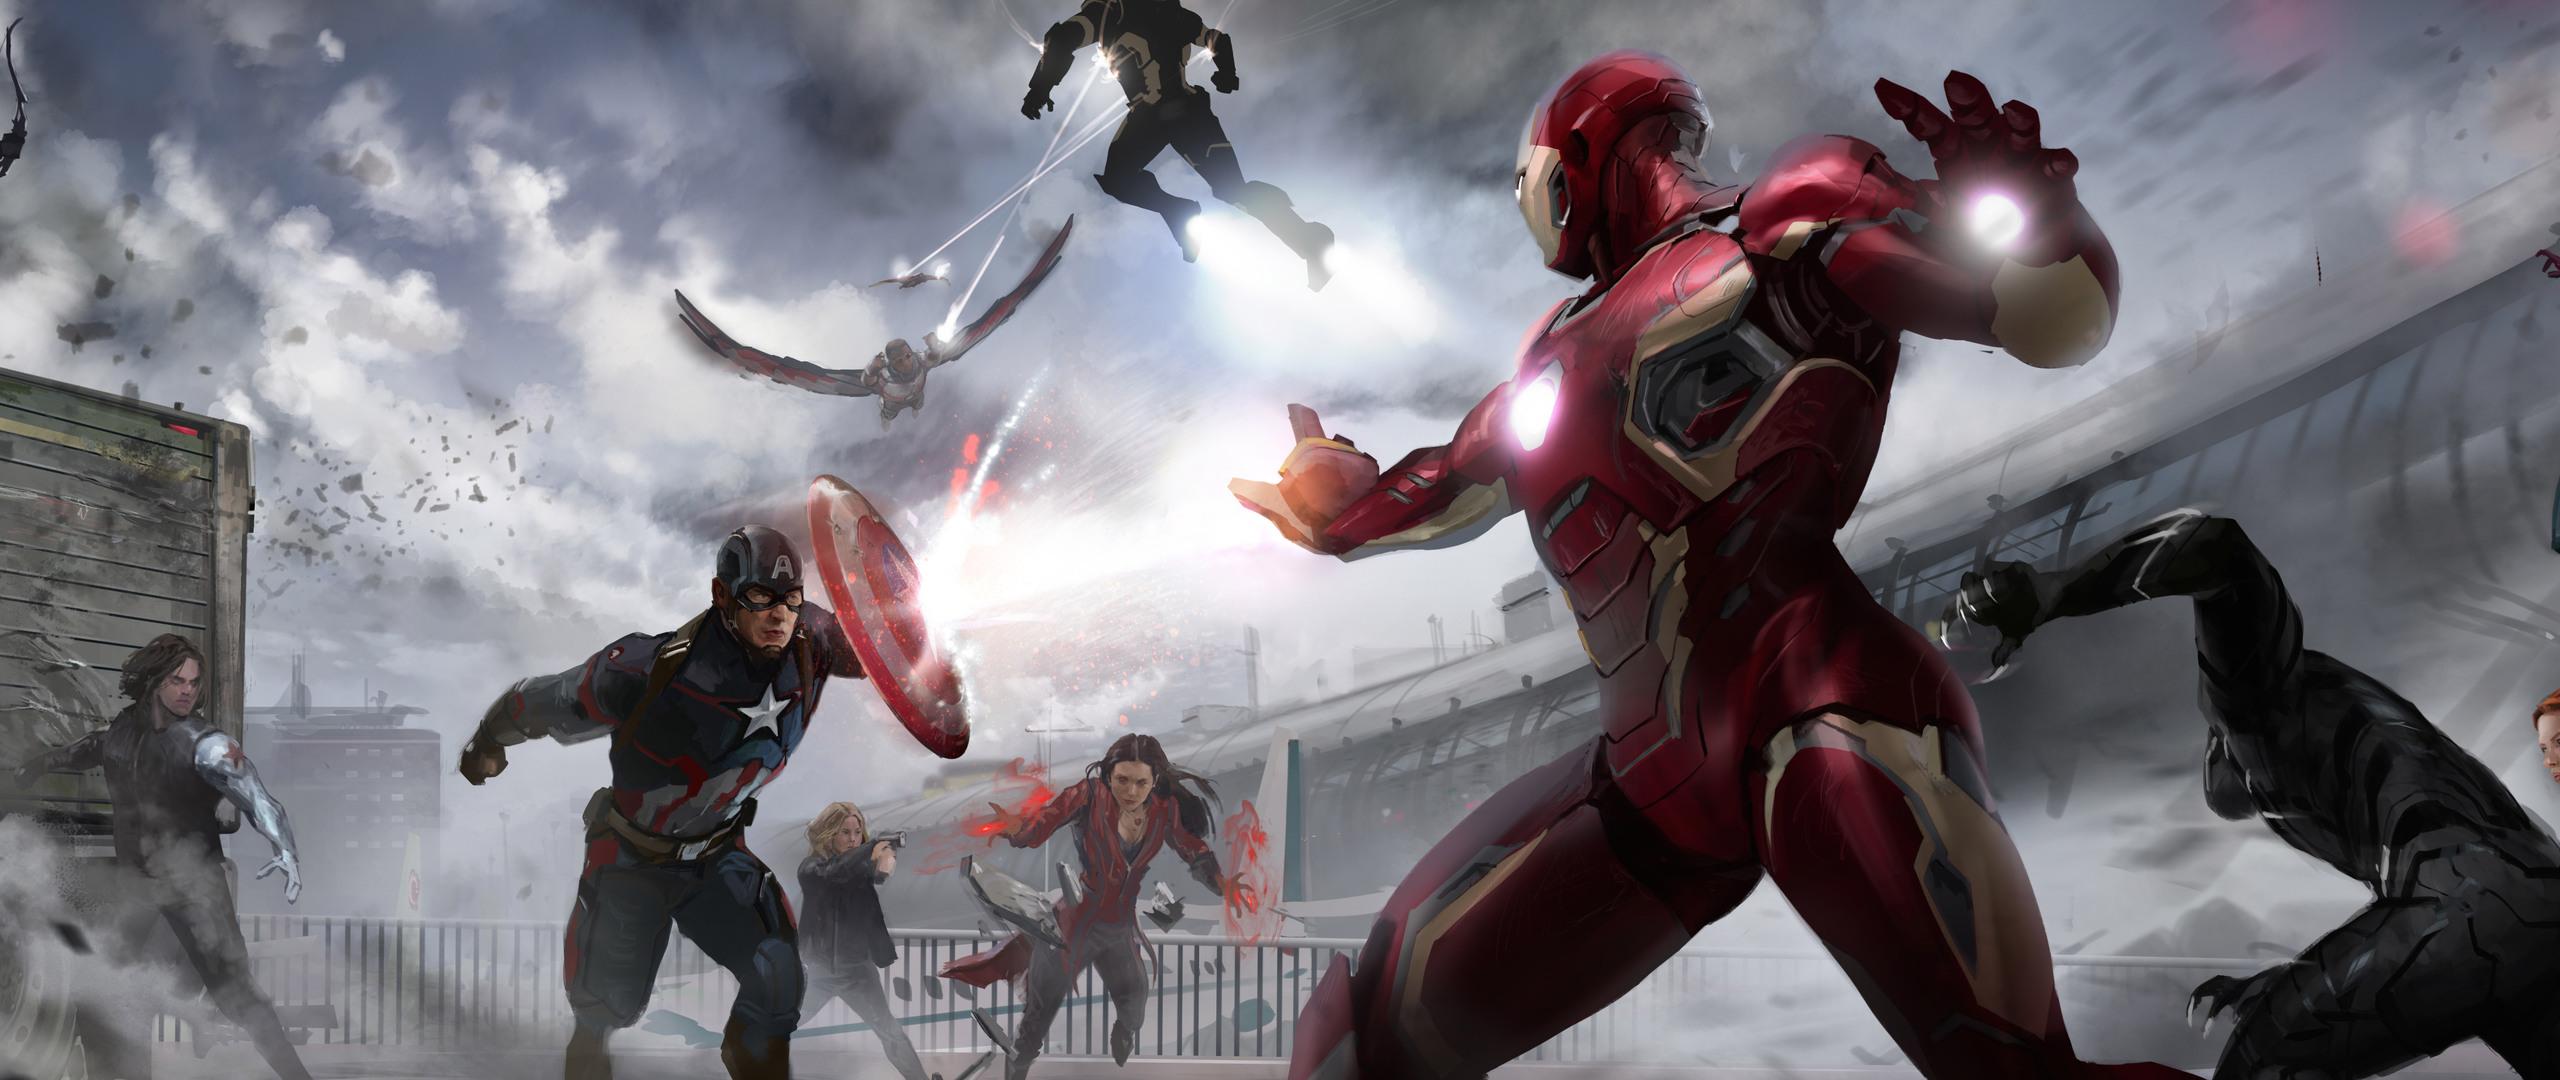 Железный человек Avengers  № 1390551 загрузить